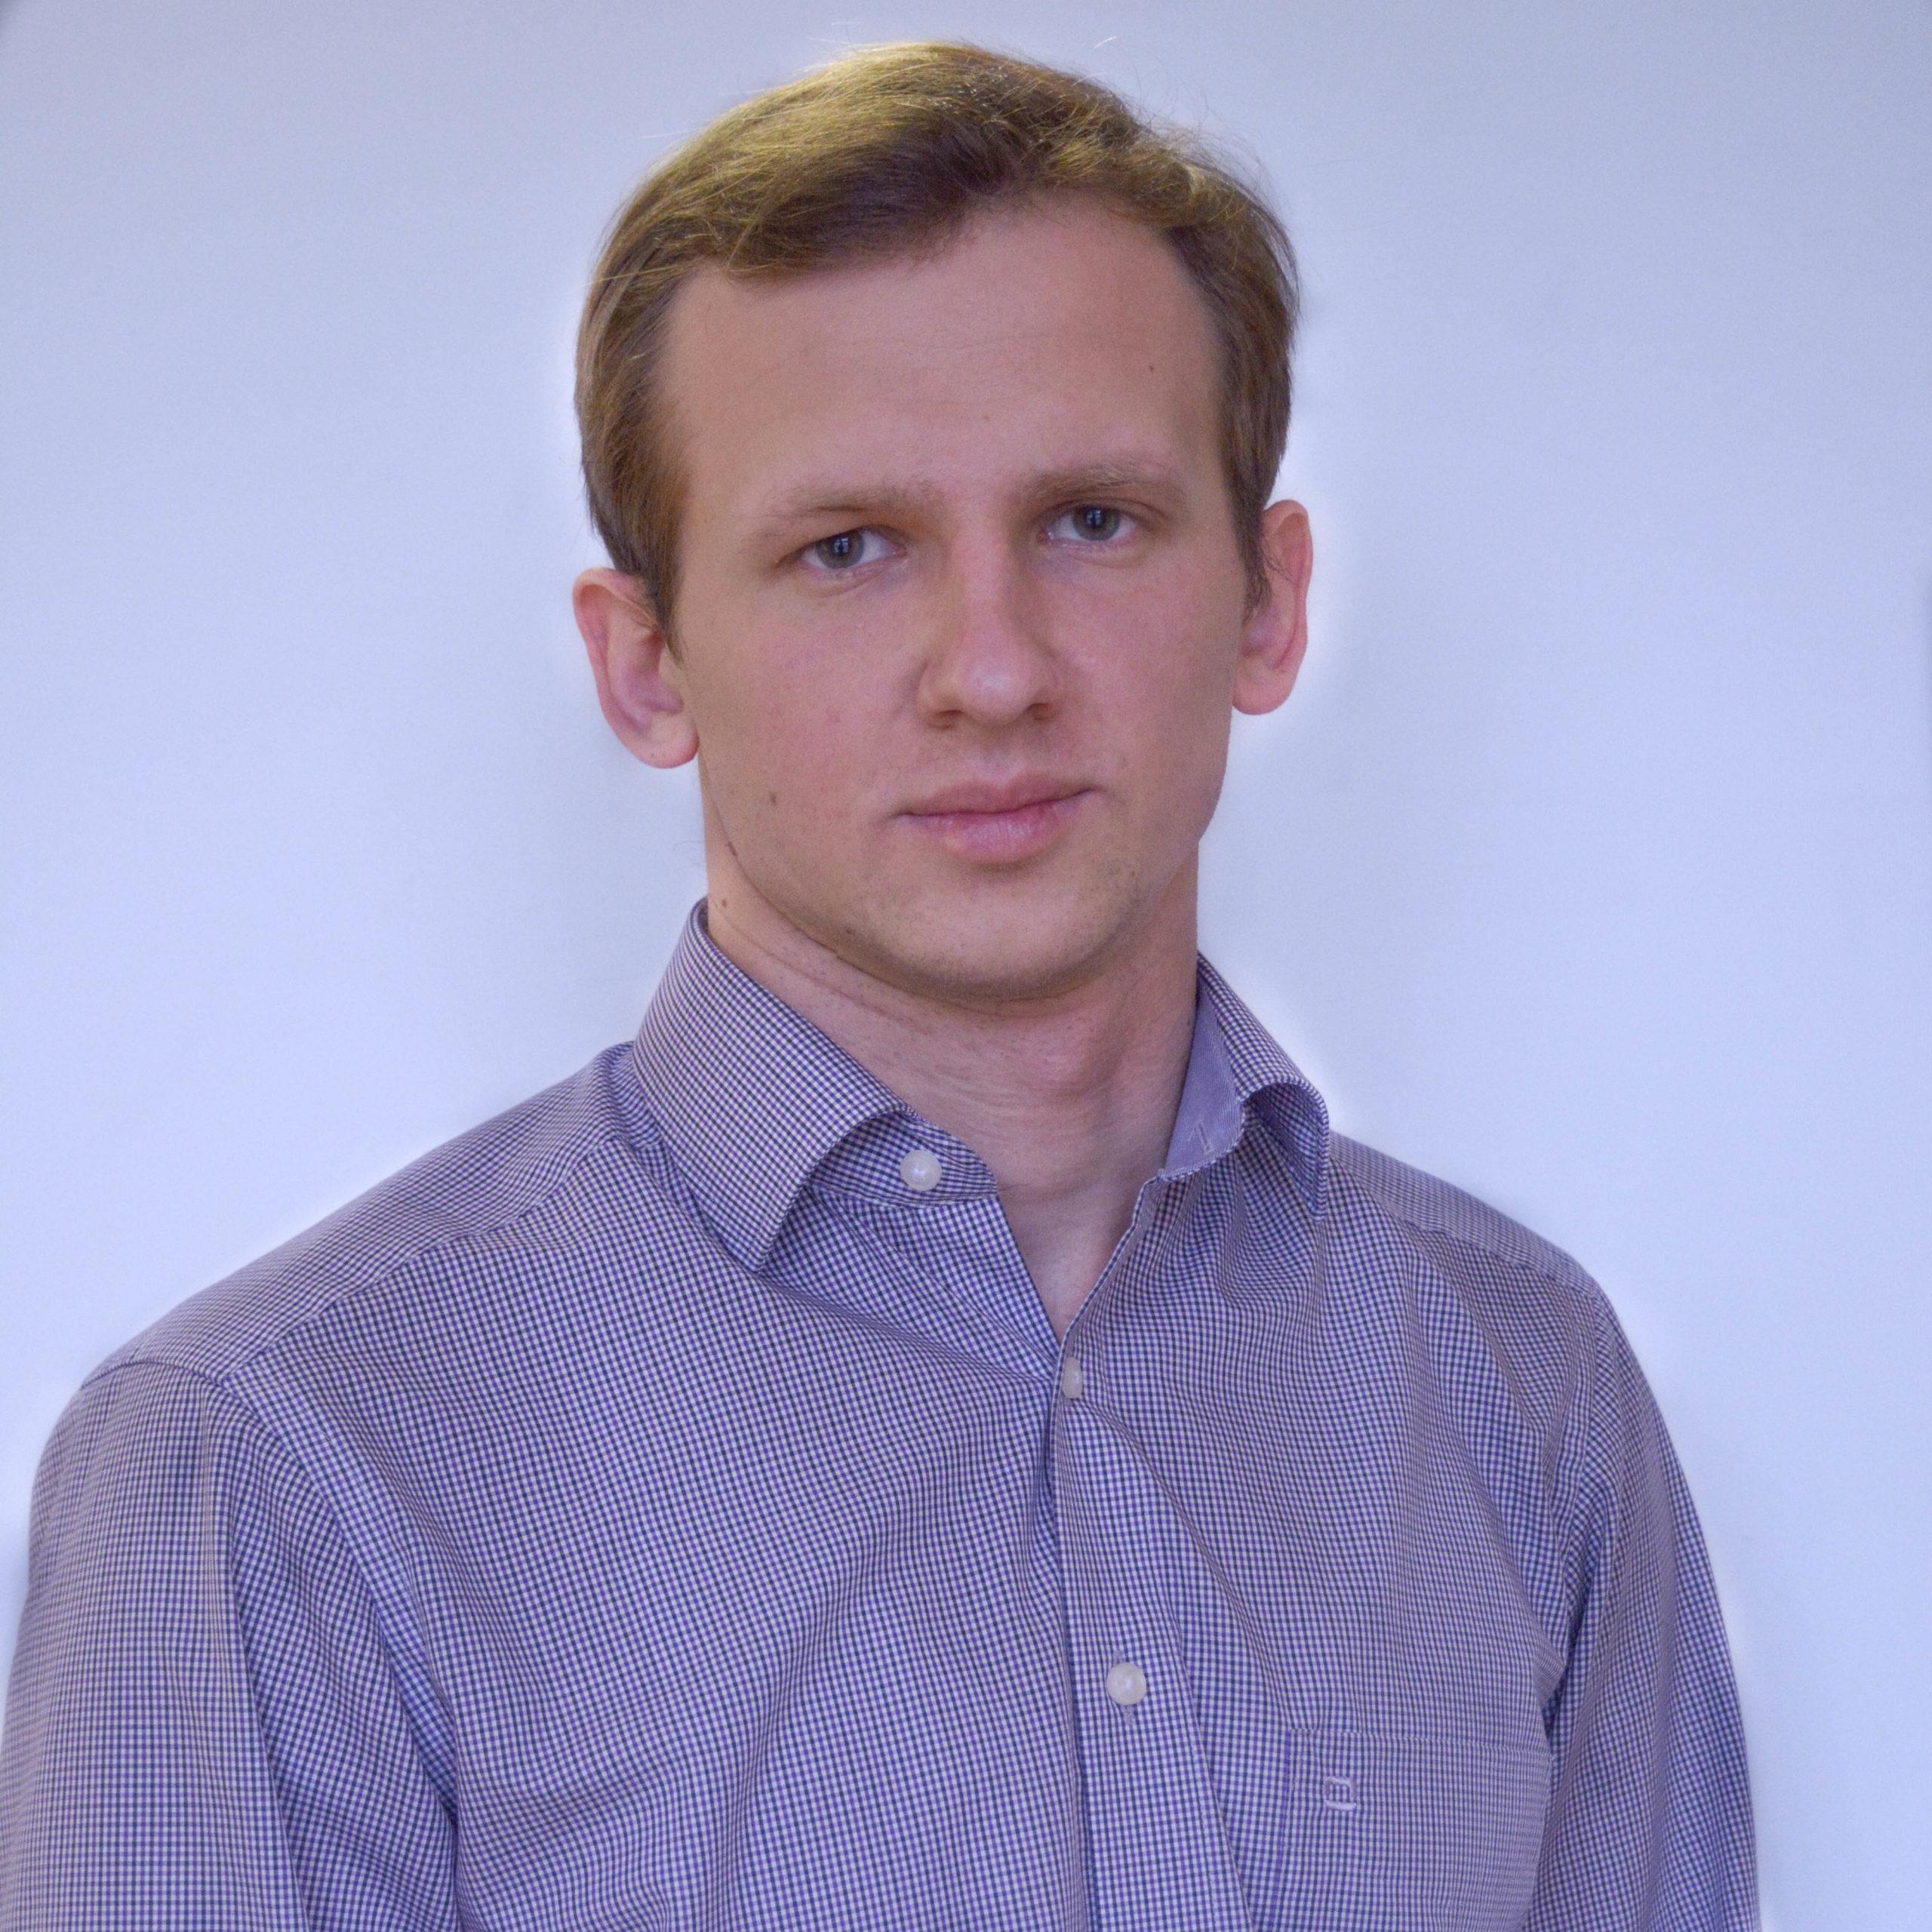 Дубиков Никита Викторович